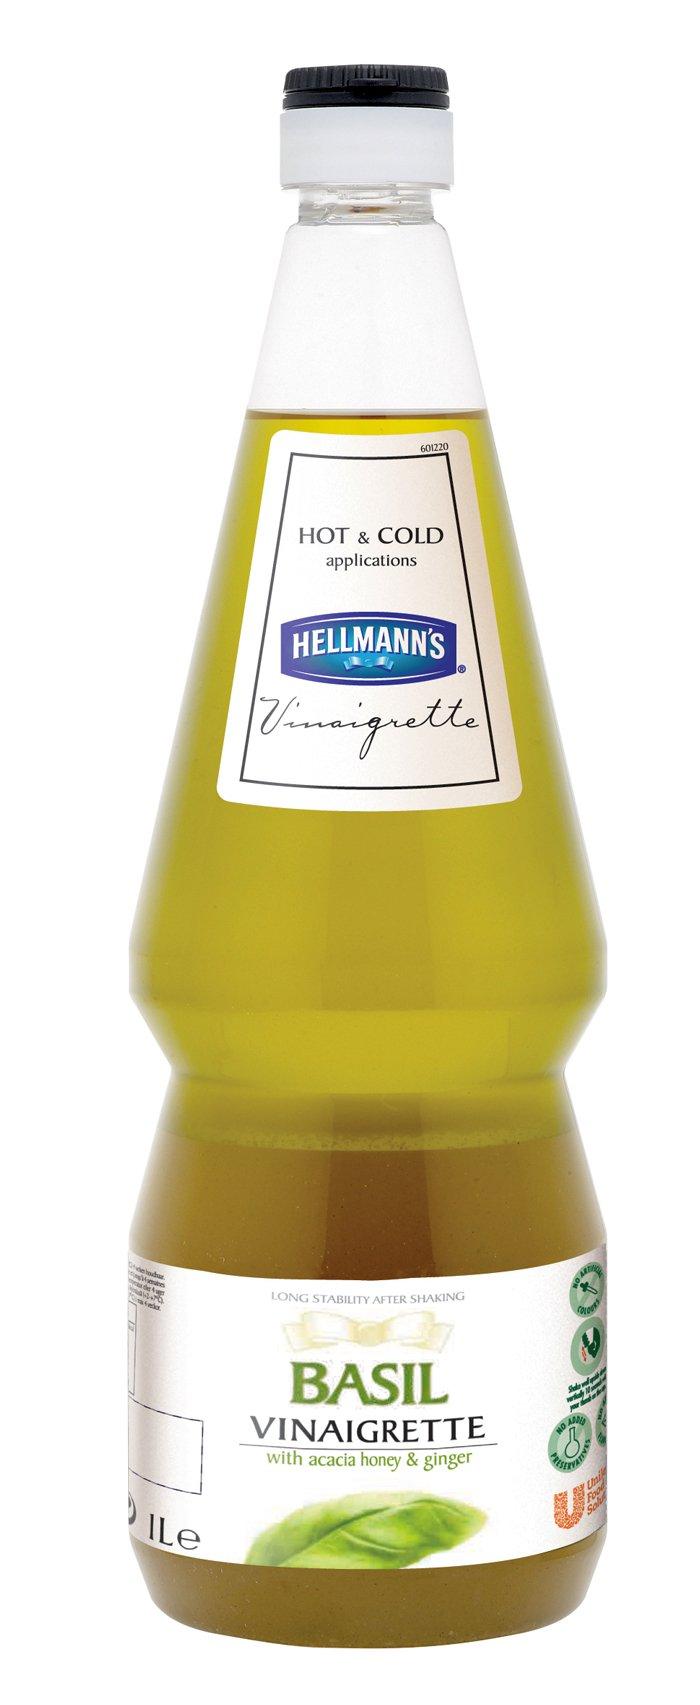 Hellmann's Basil Vinaigrette 1 Lt